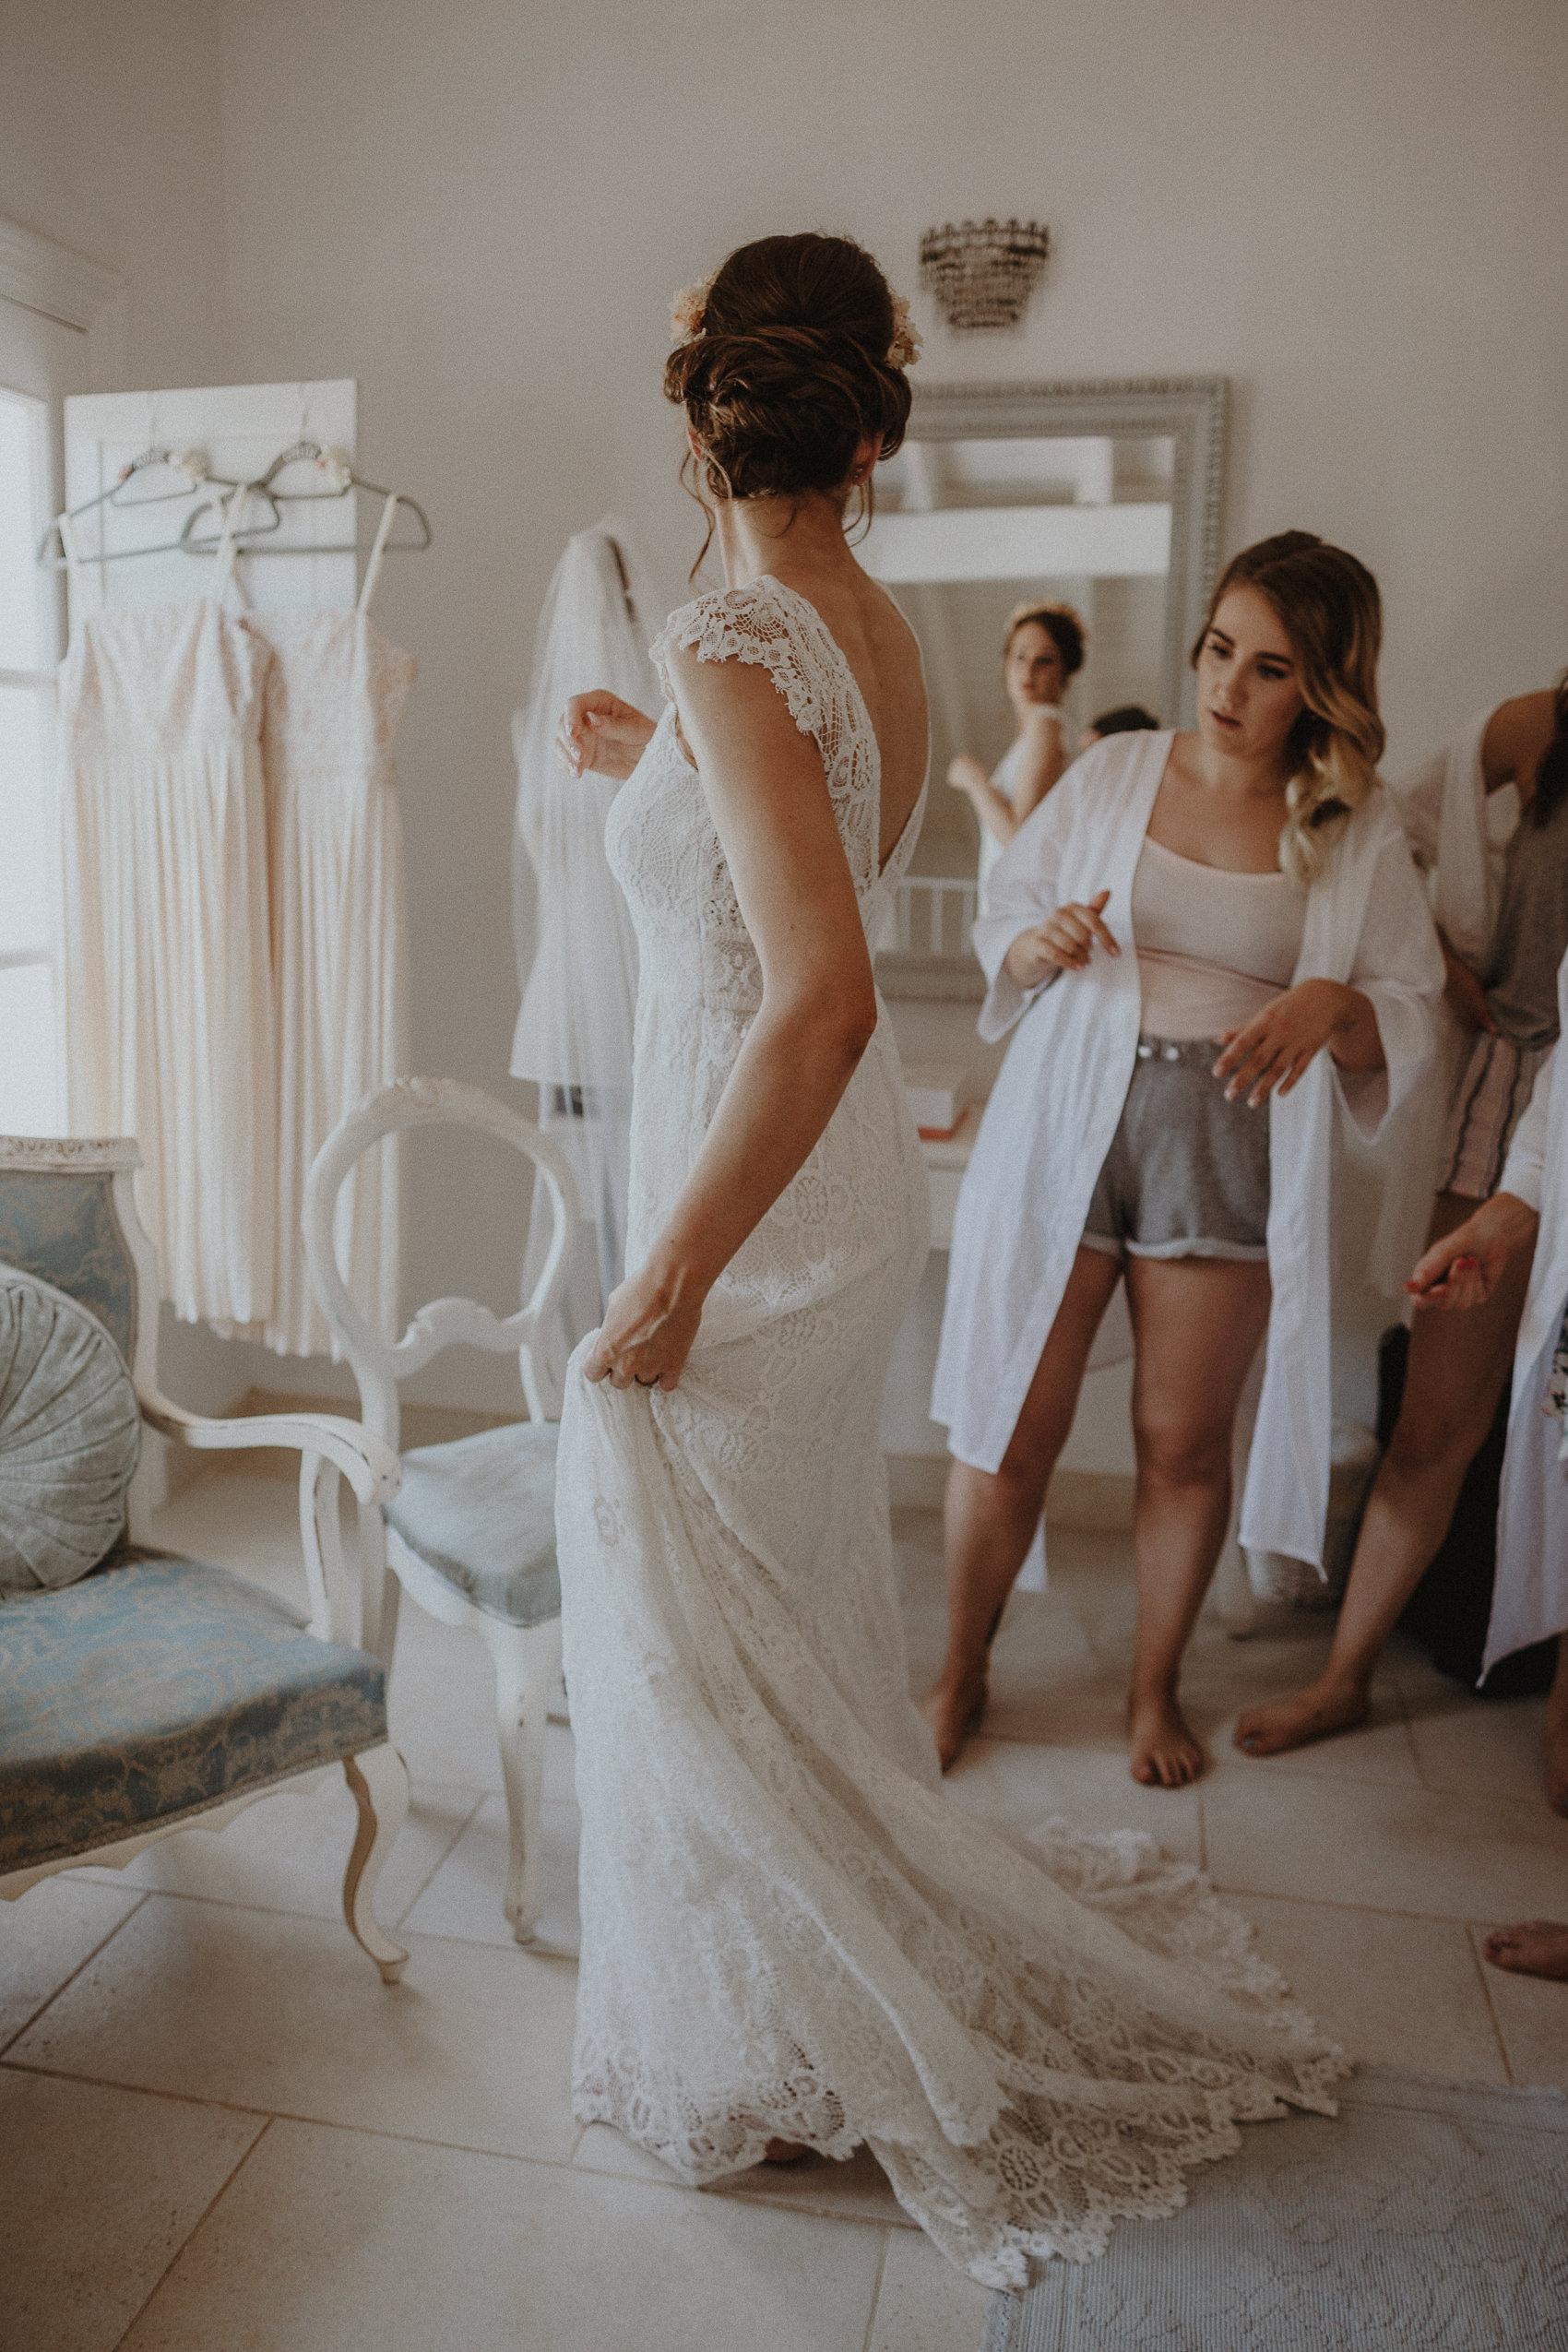 Sarah & Bill | Summer wedding at Cortijo Rosa Blanca | Marbella - Spain 46